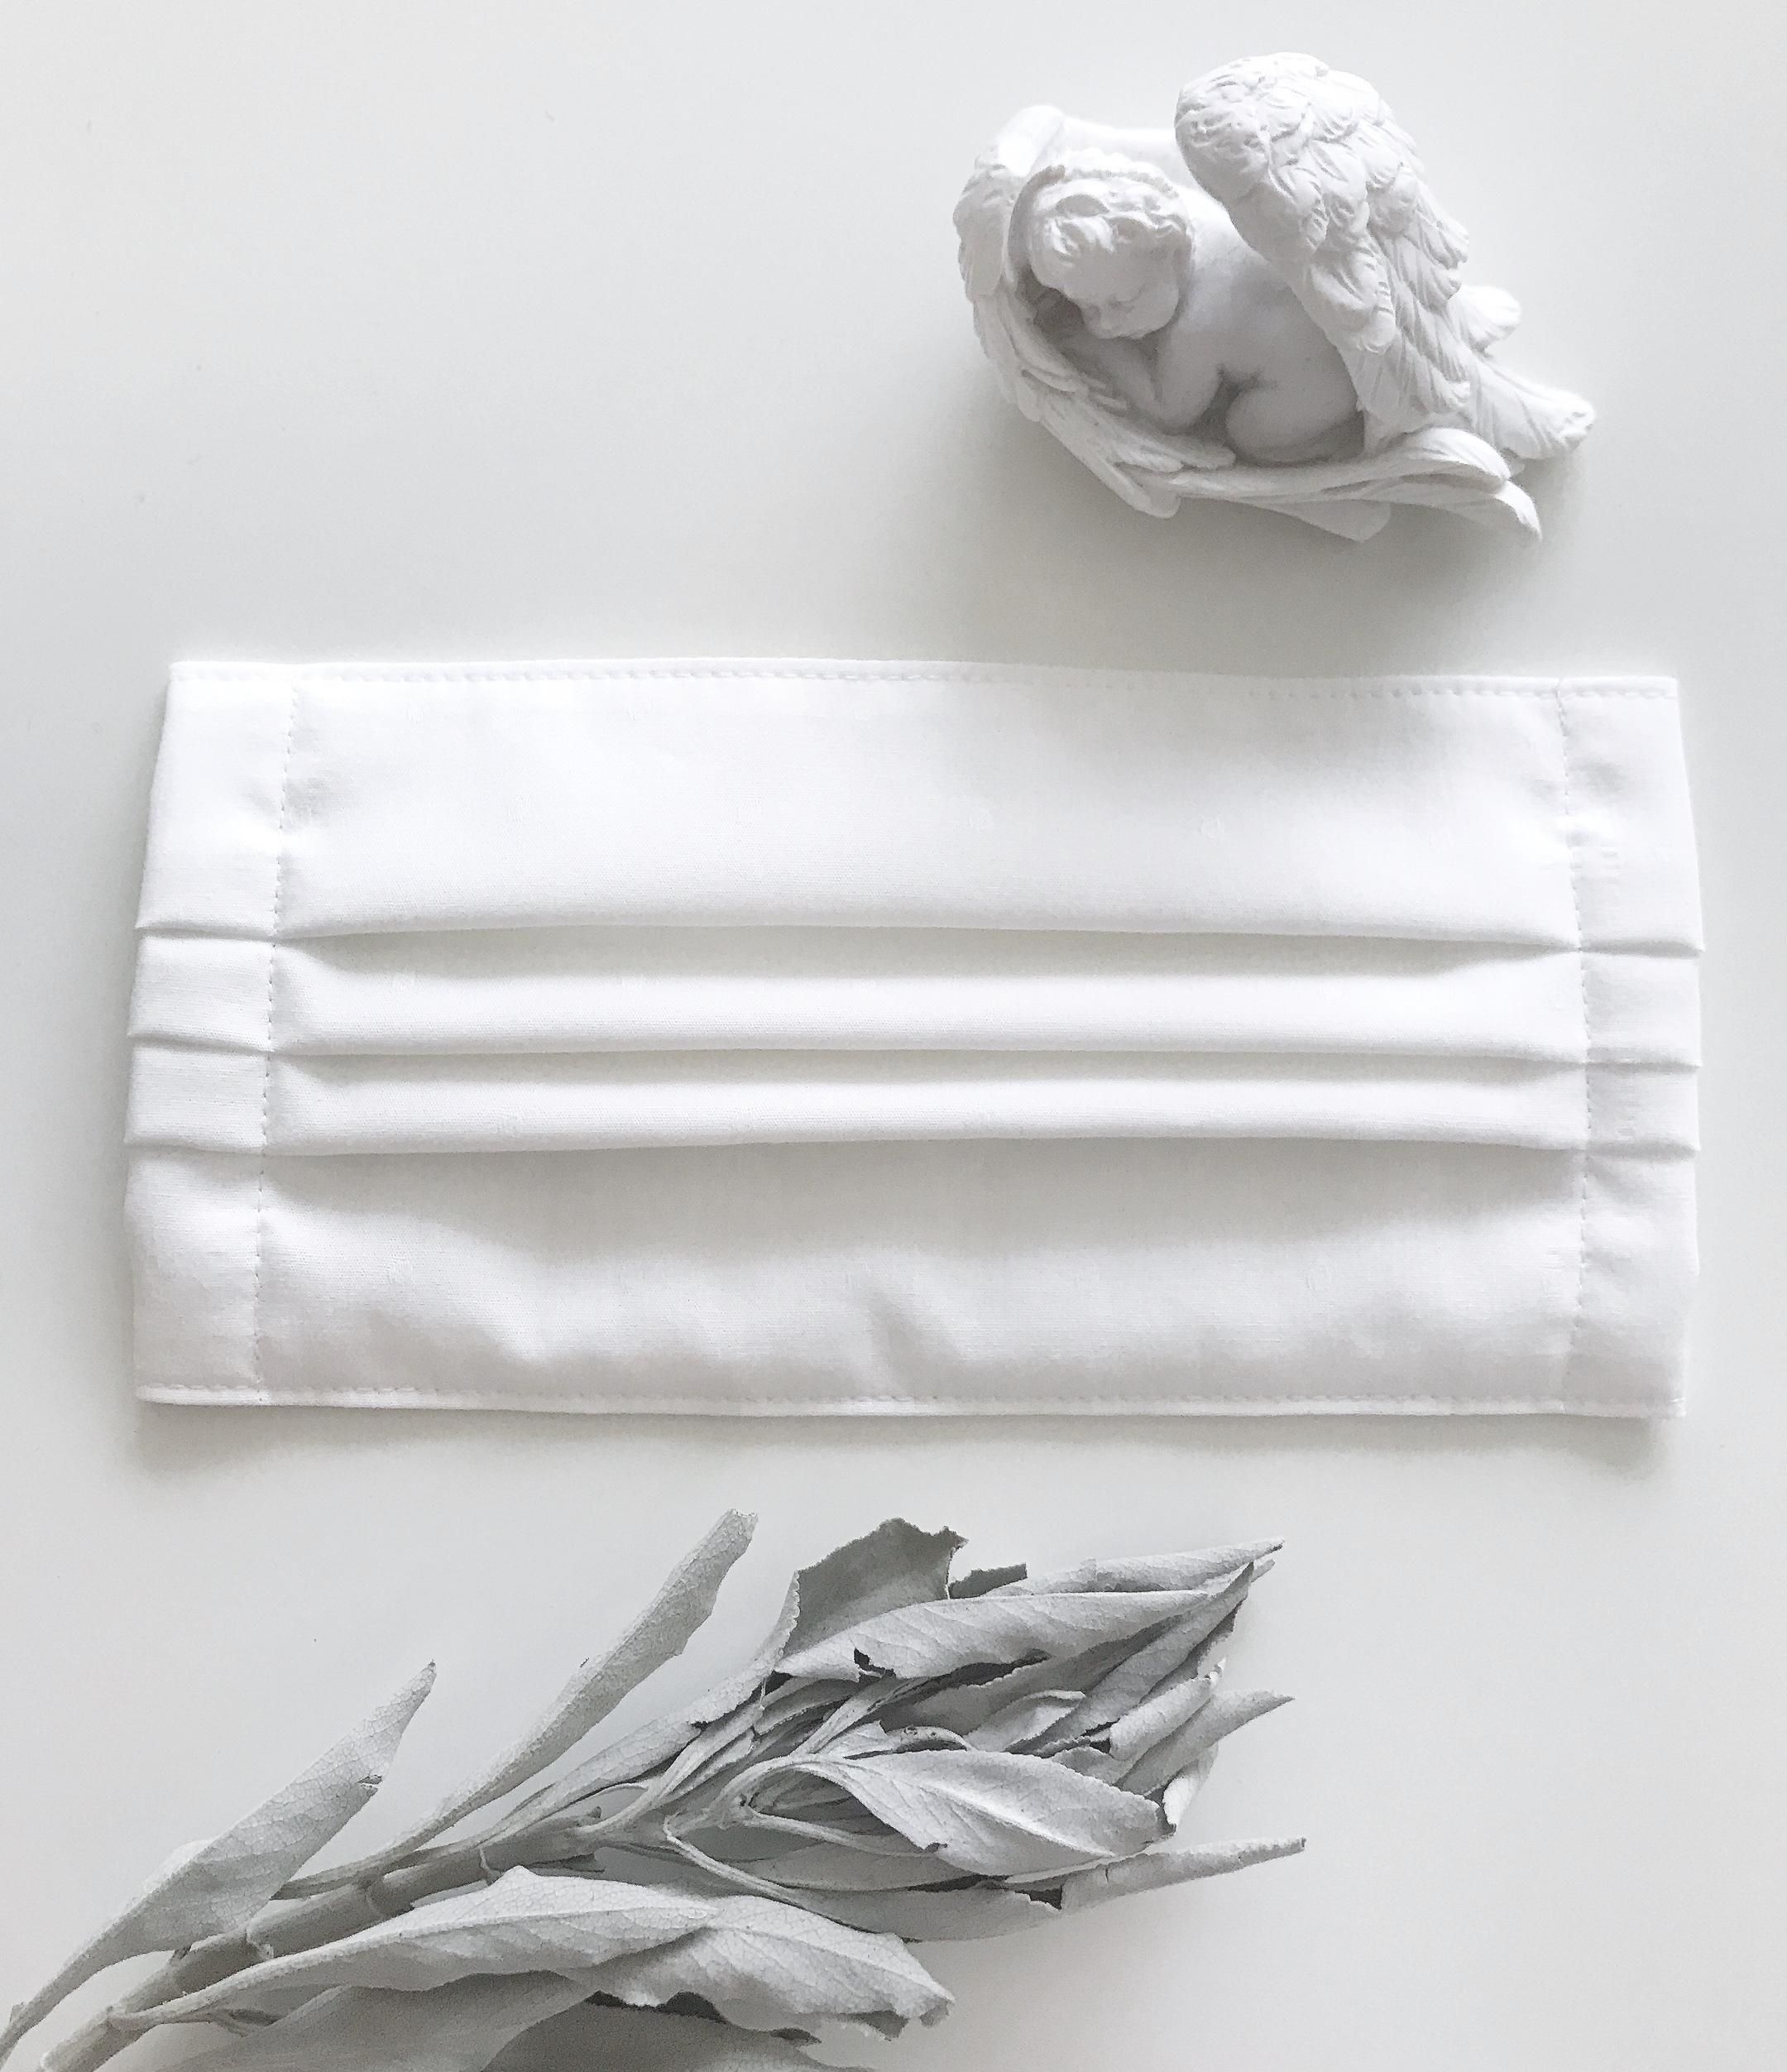 予約販売(納期まで3カ月以上):【布マスク】 オーガニックコットン&抗菌・抗ウィルスコットンガーゼ ドット